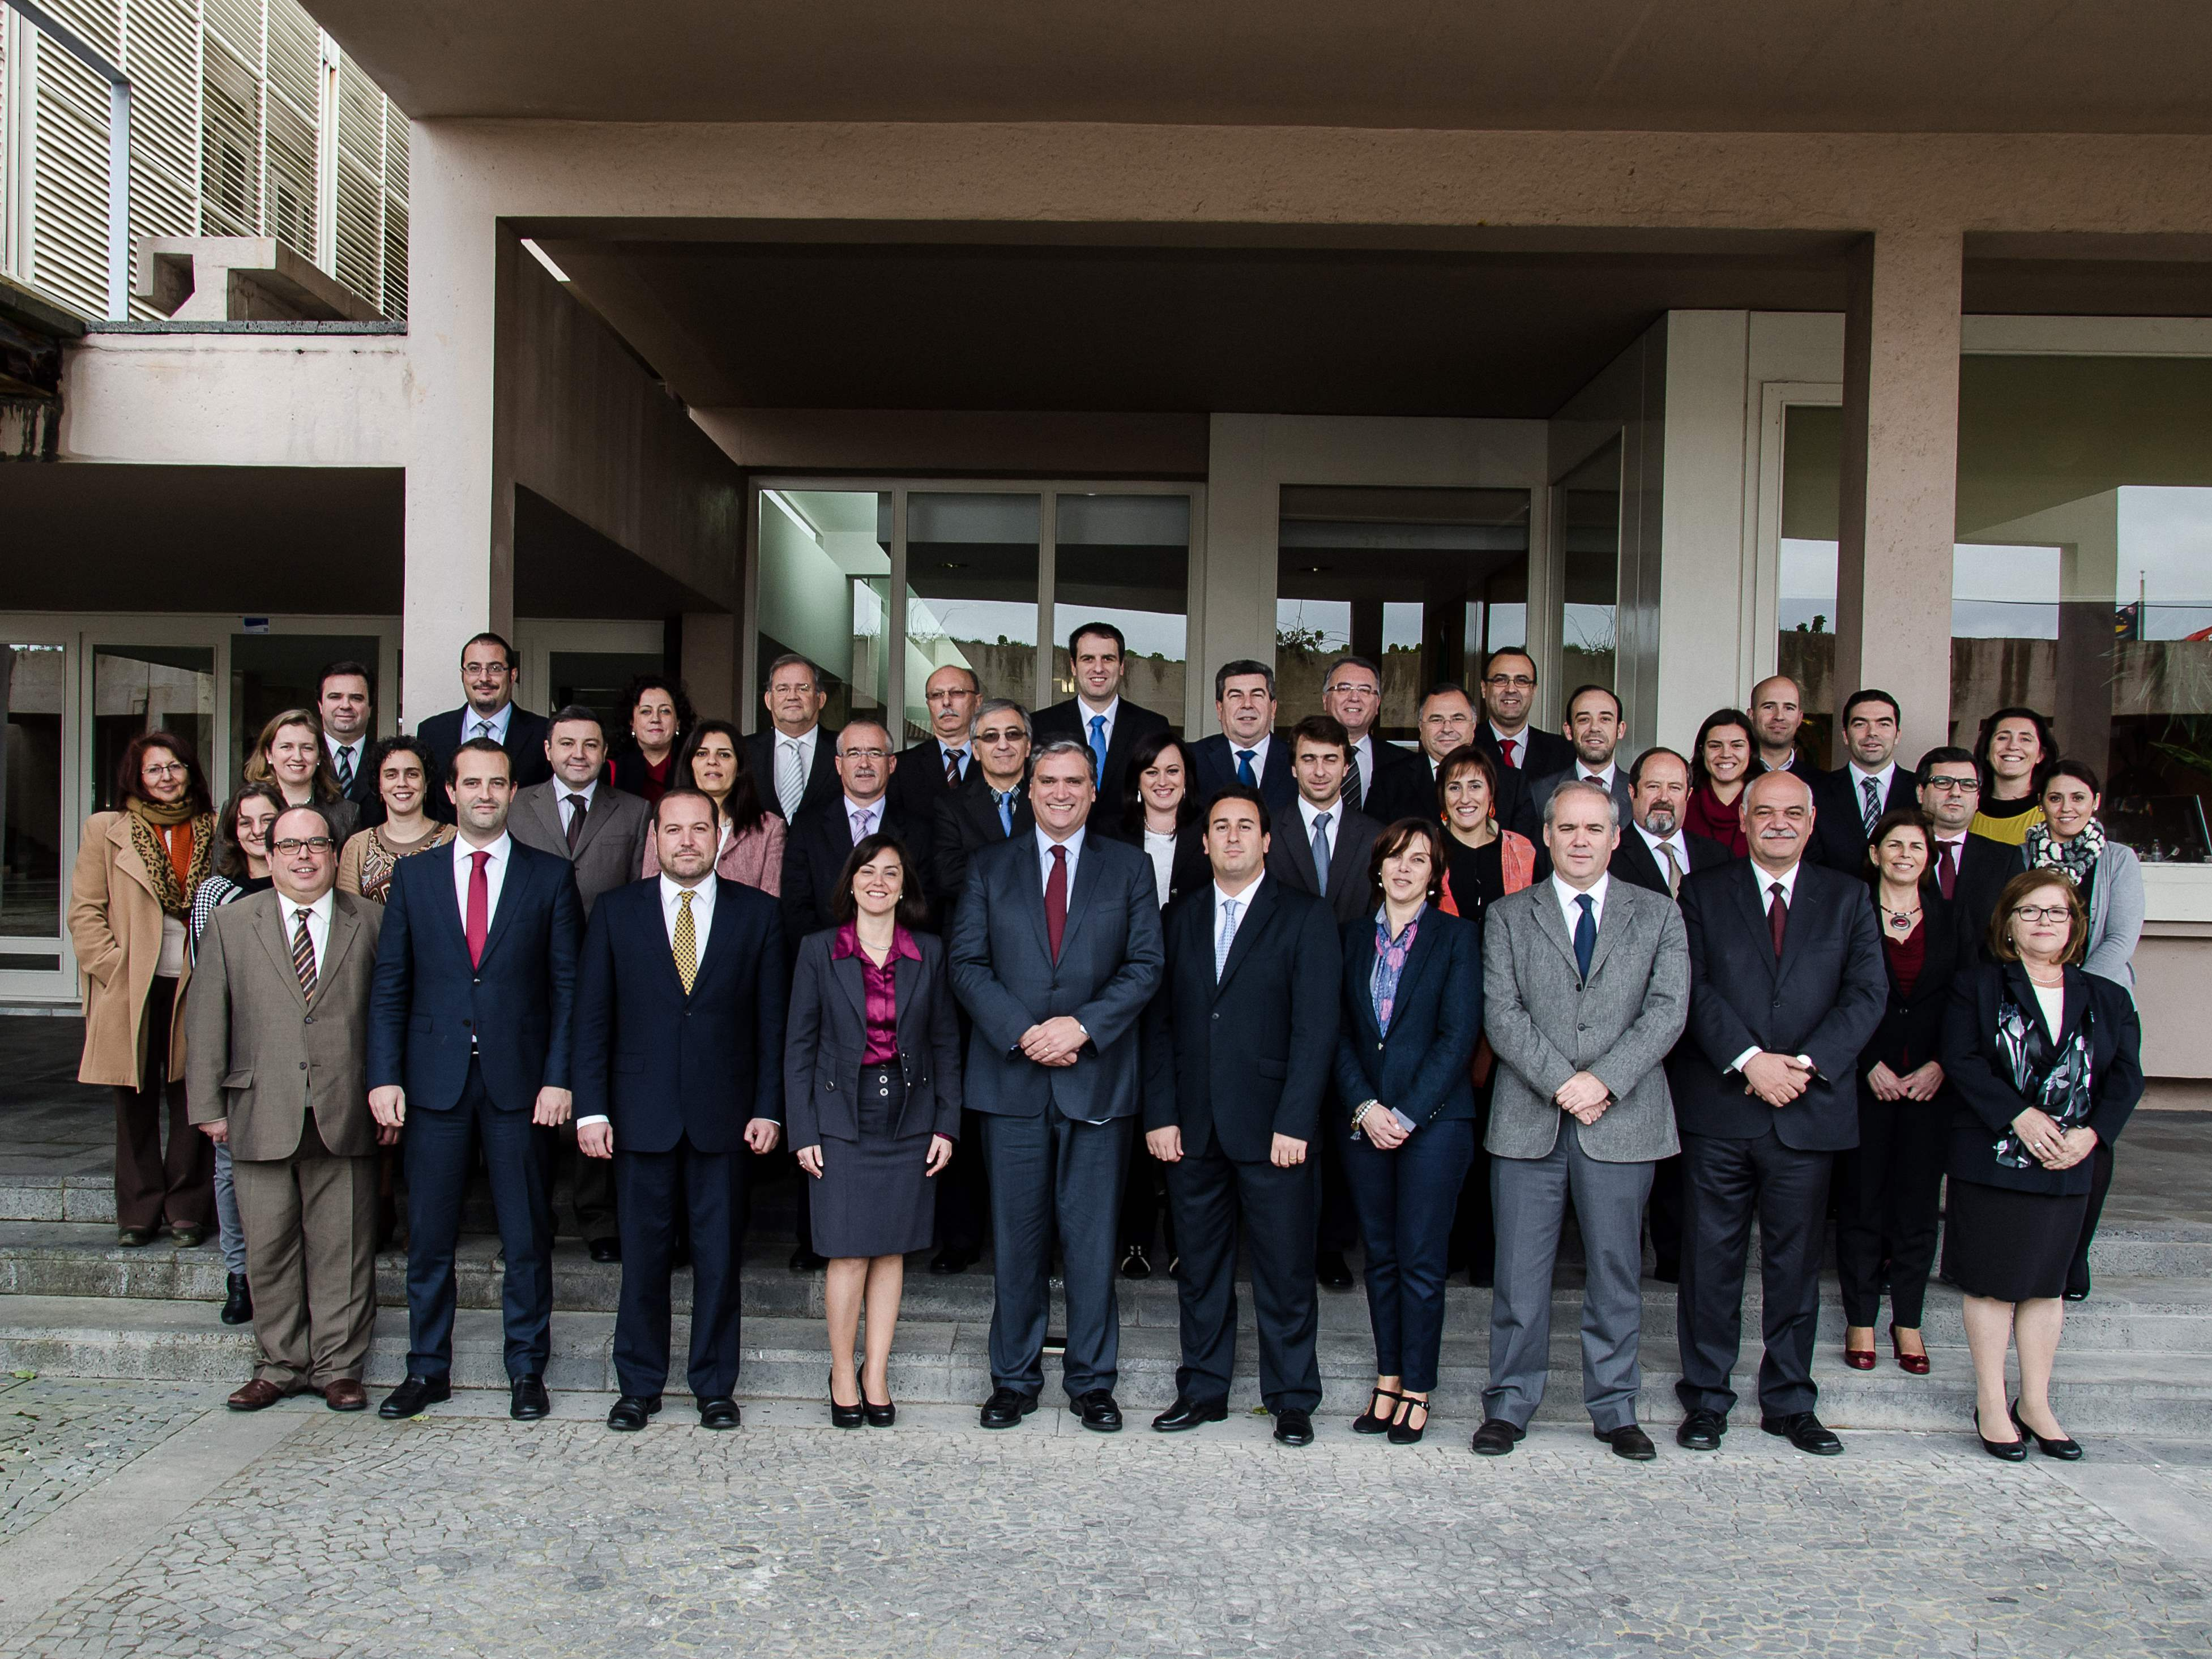 Grupo Parlamentar do PS Açores realiza jornadas nas Lajes, ilha Terceira